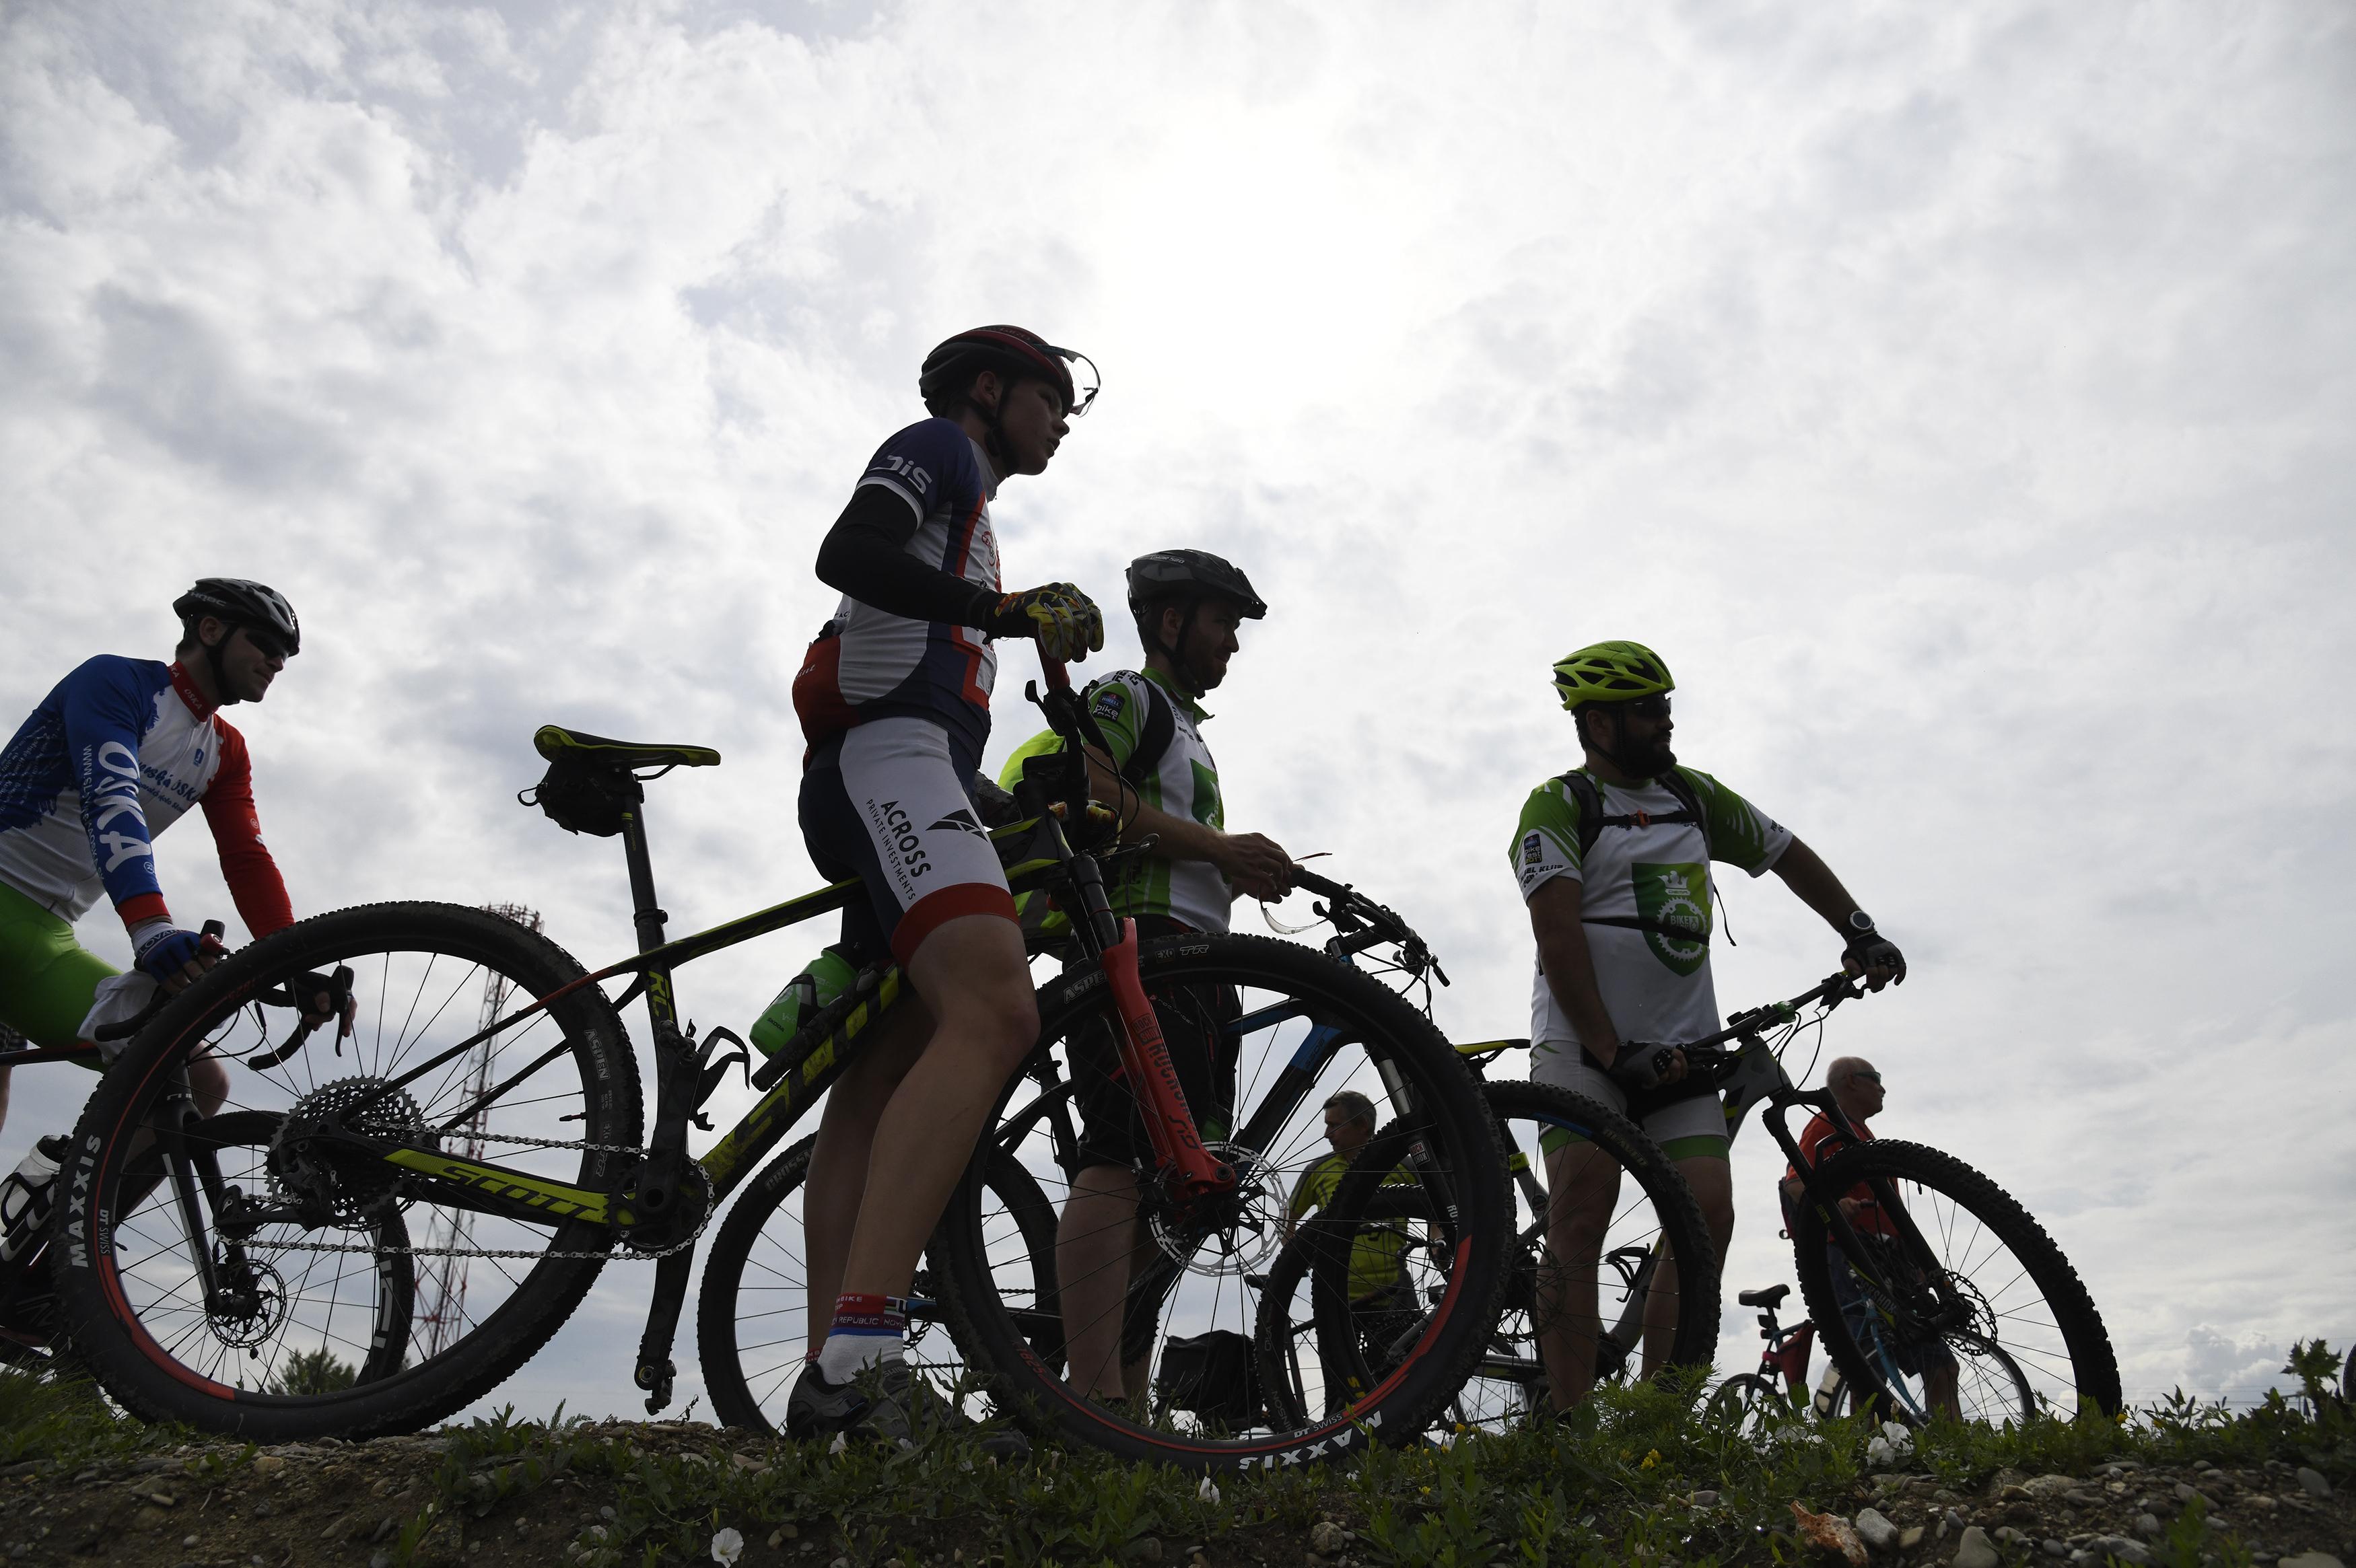 7be020b80 Prvý z ôsmich úsekov cyklotrasy spája katastrálne územia štyroch obcí (Horná  Streda, Brunovce, Potvorice, Považany) s Novým Mestom nad Váhom.